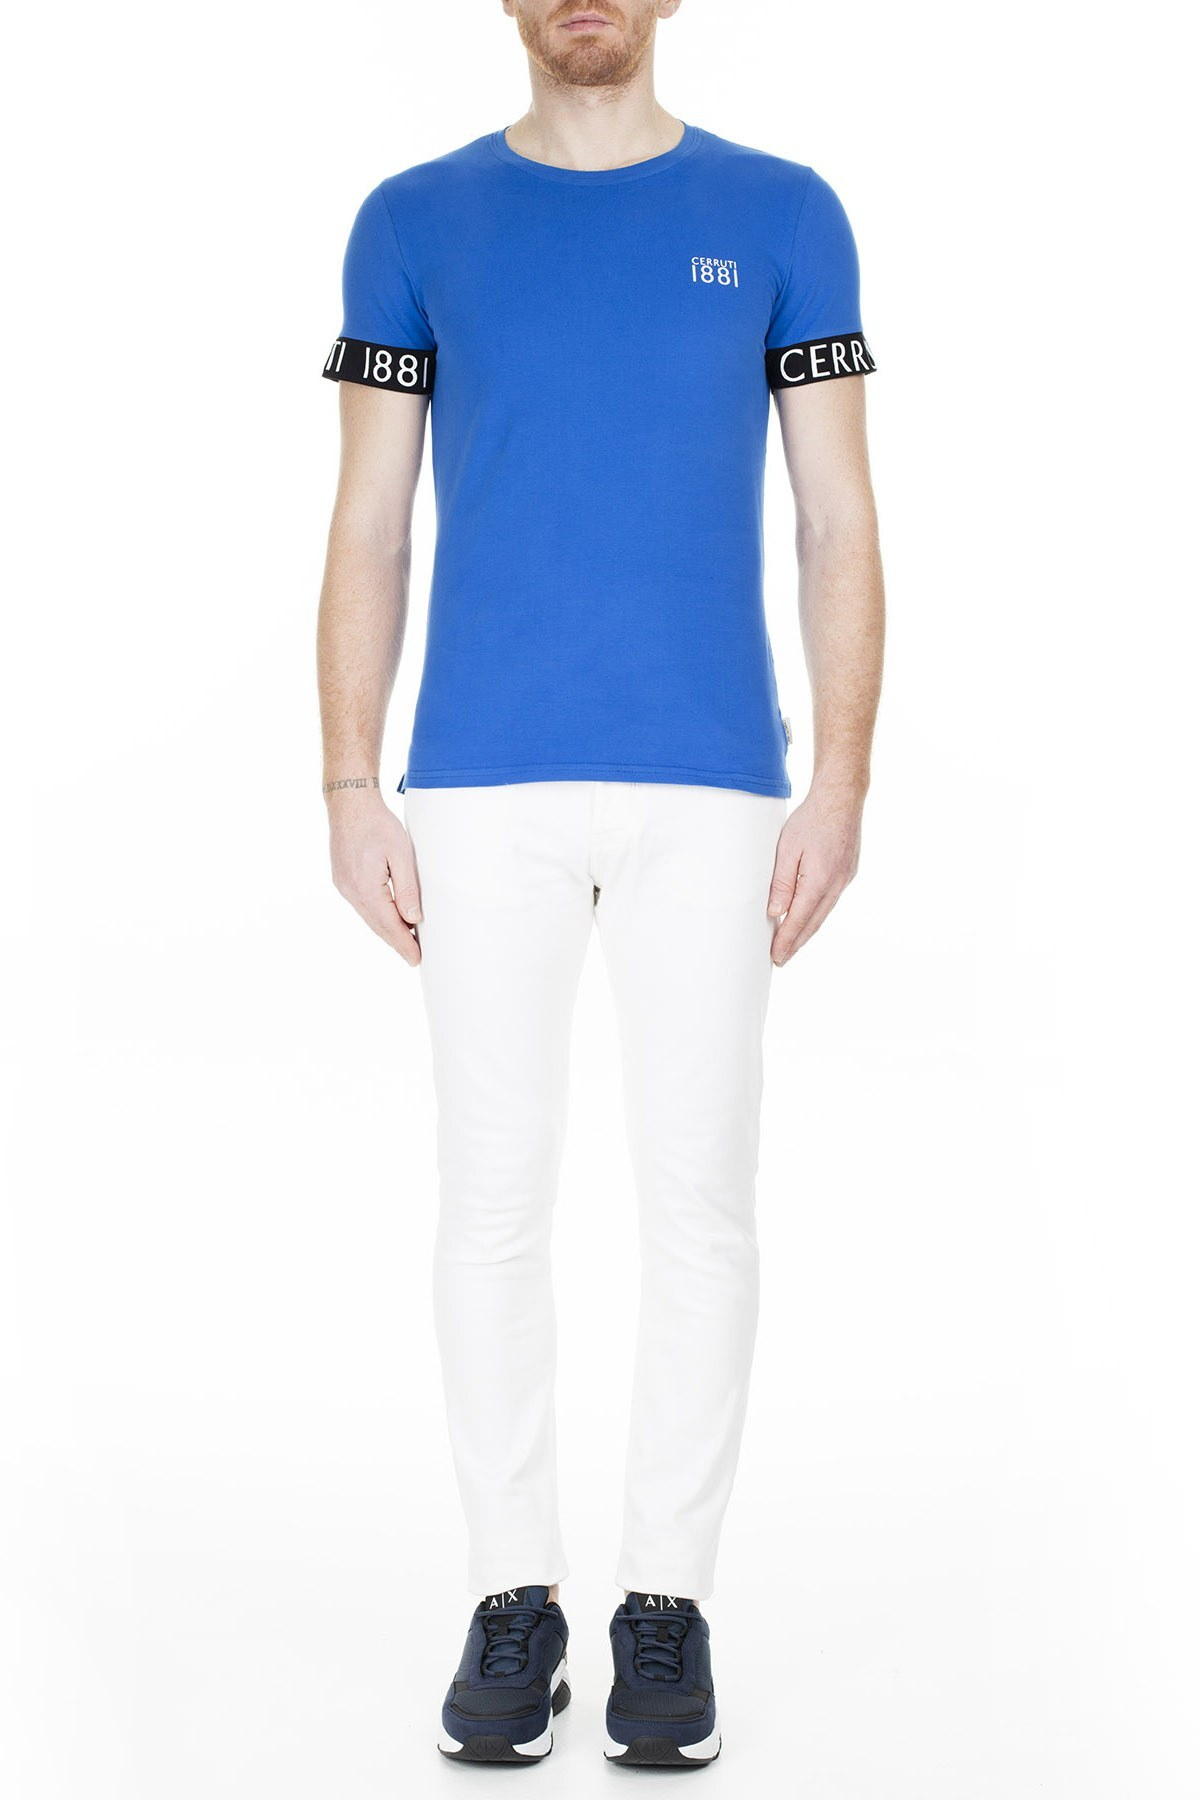 Cerruti 1881 Erkek T Shirt 203-001643 SAKS